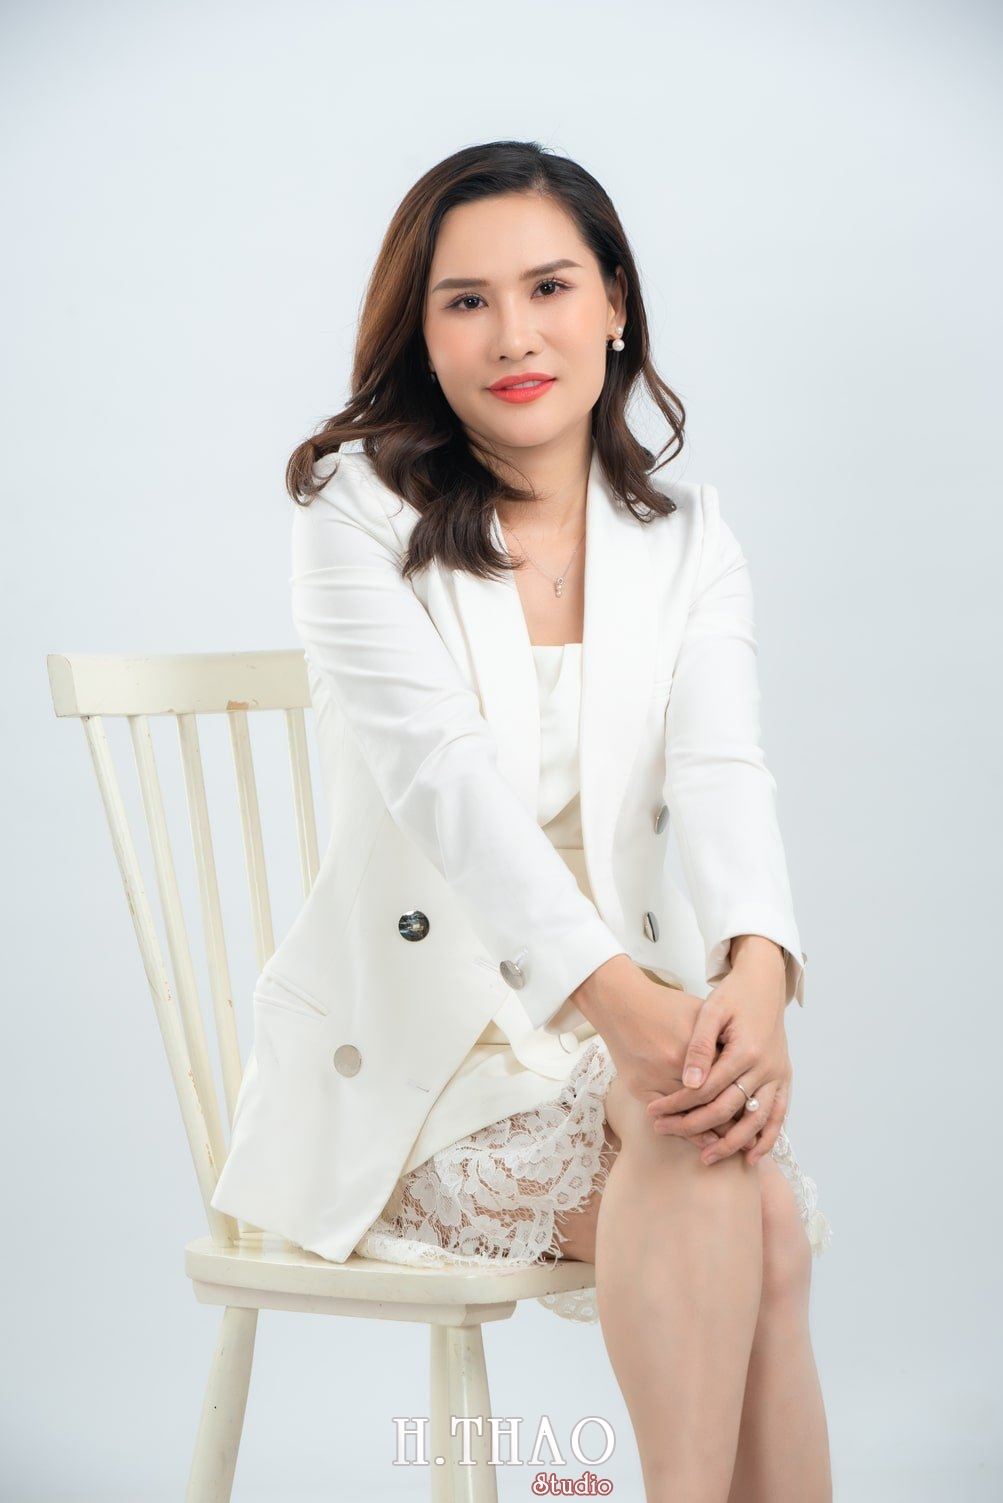 Doanh nhan nu 11 - Ảnh nữ doanh nhân bất động sản, phó TGĐ Express Ms.Nho – HThao Studio